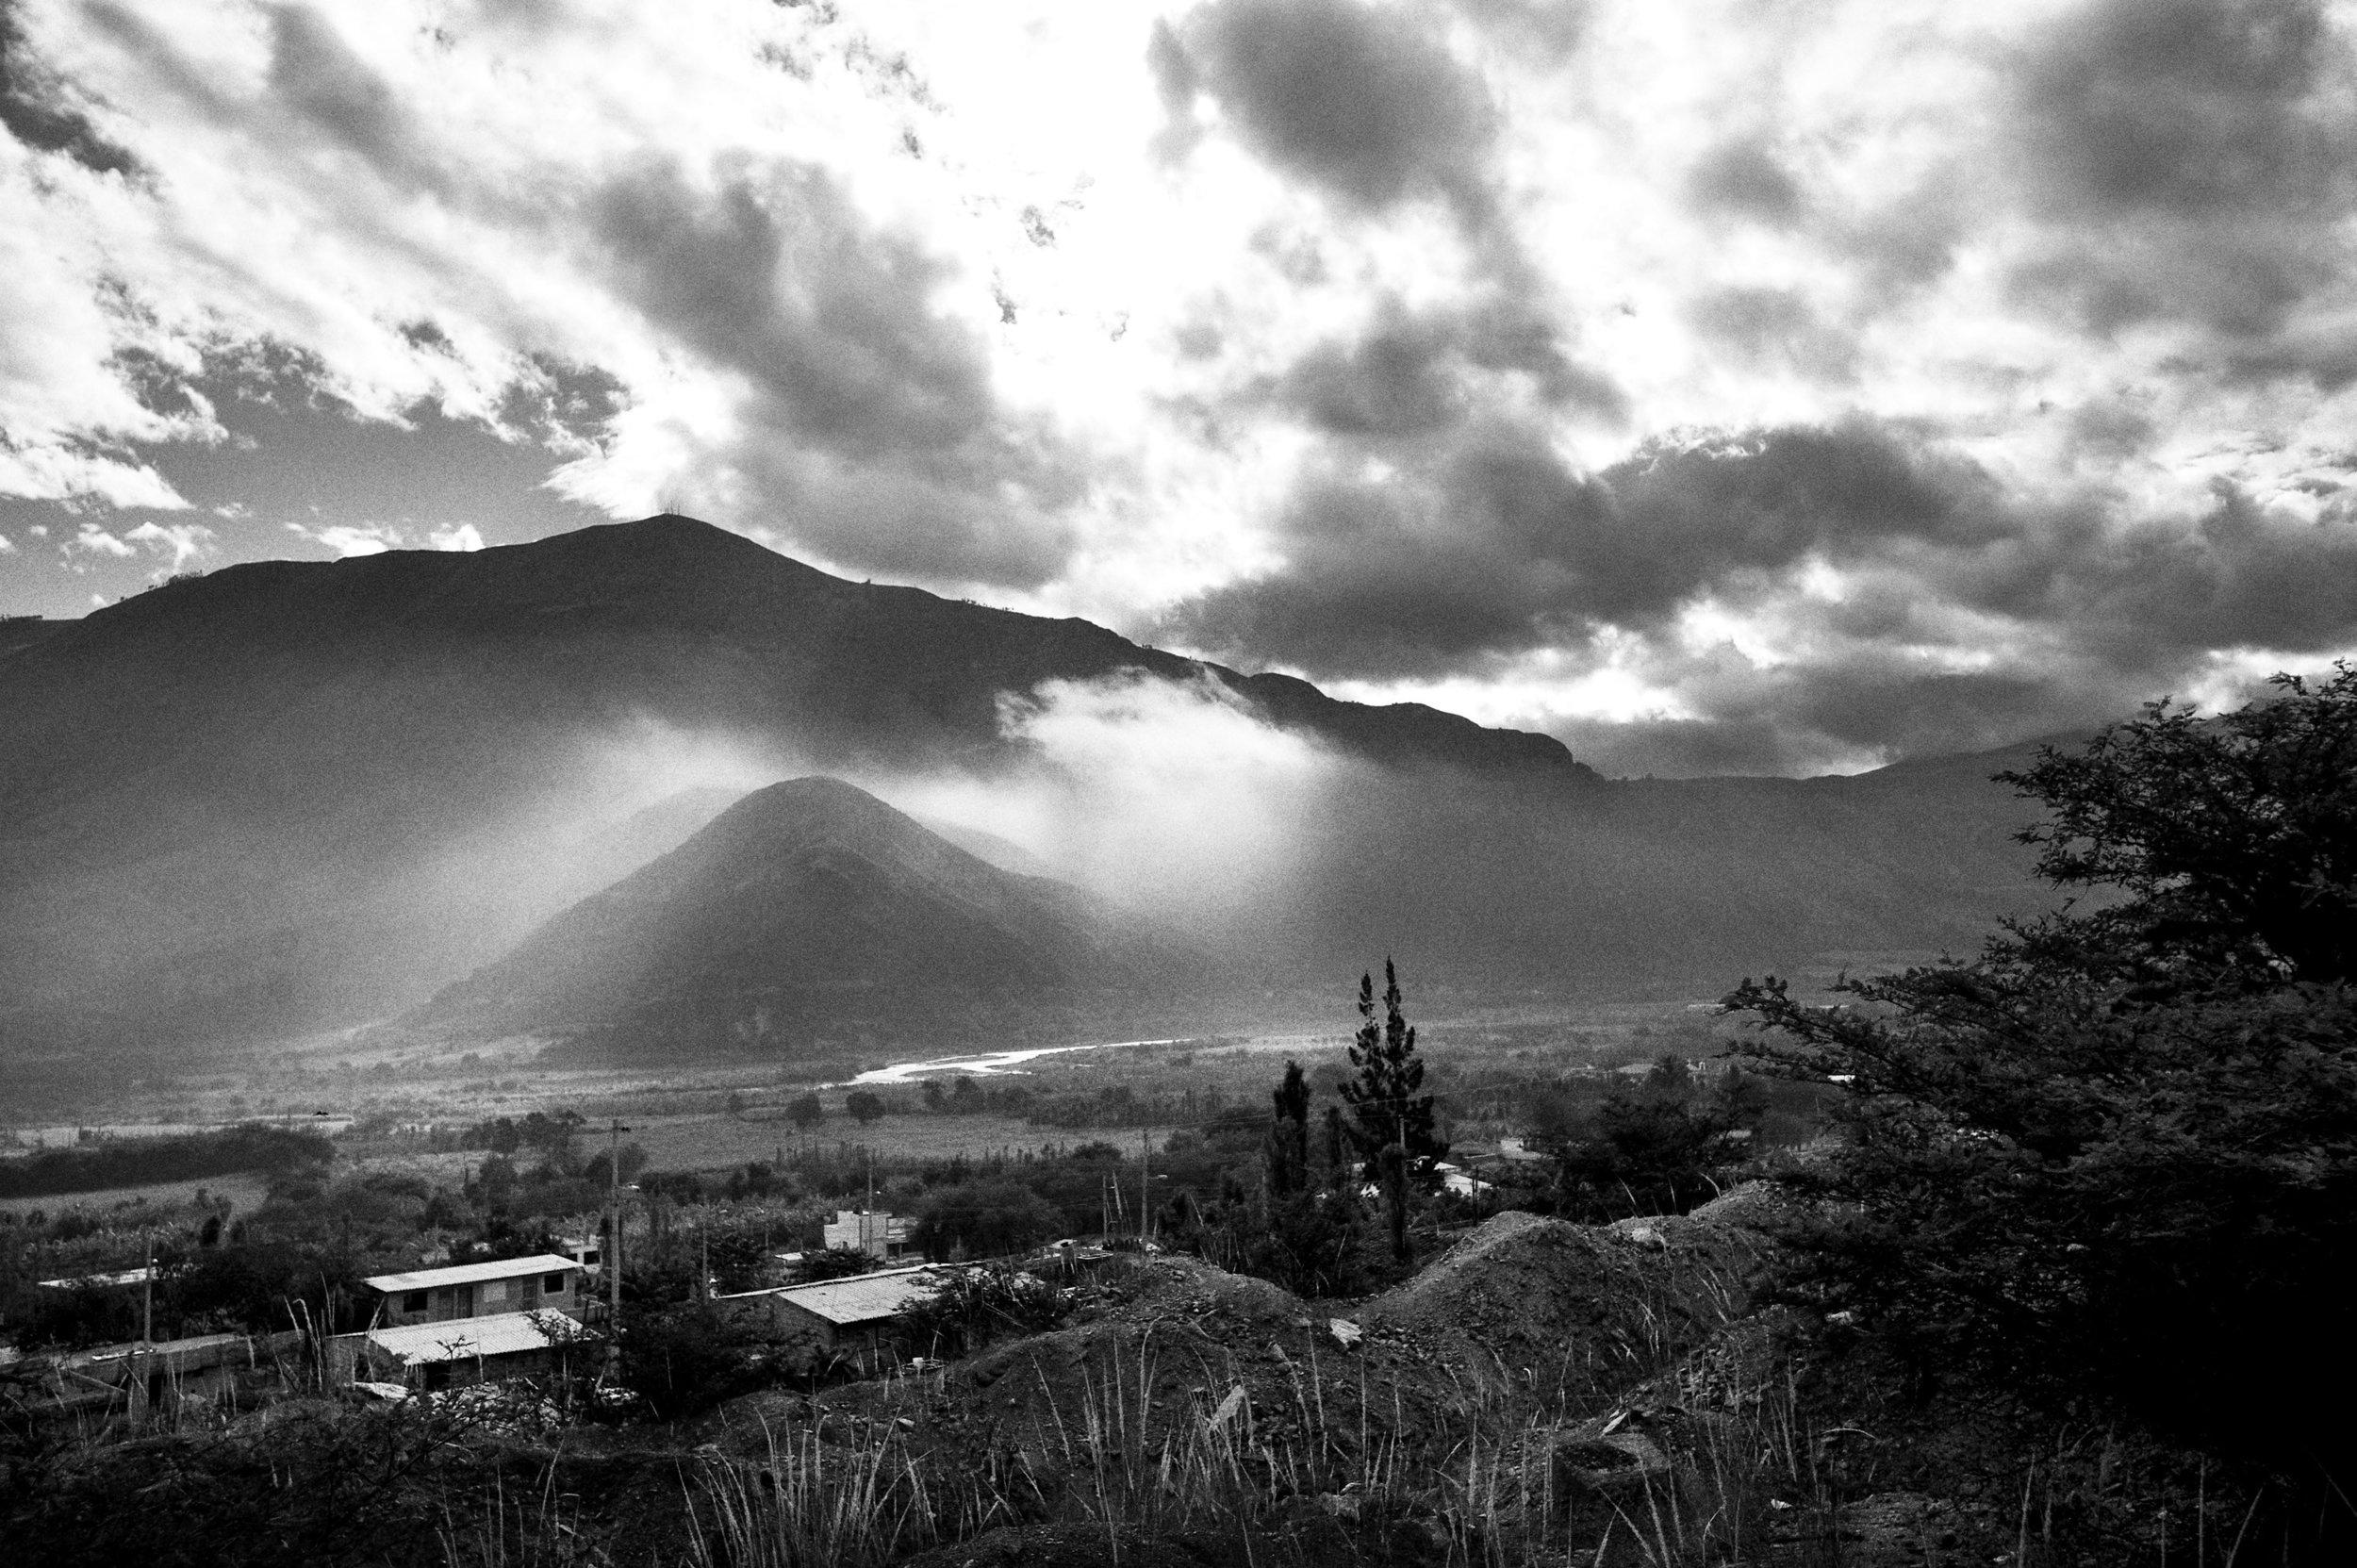 Via Panam, migration in the America's, Ecuador